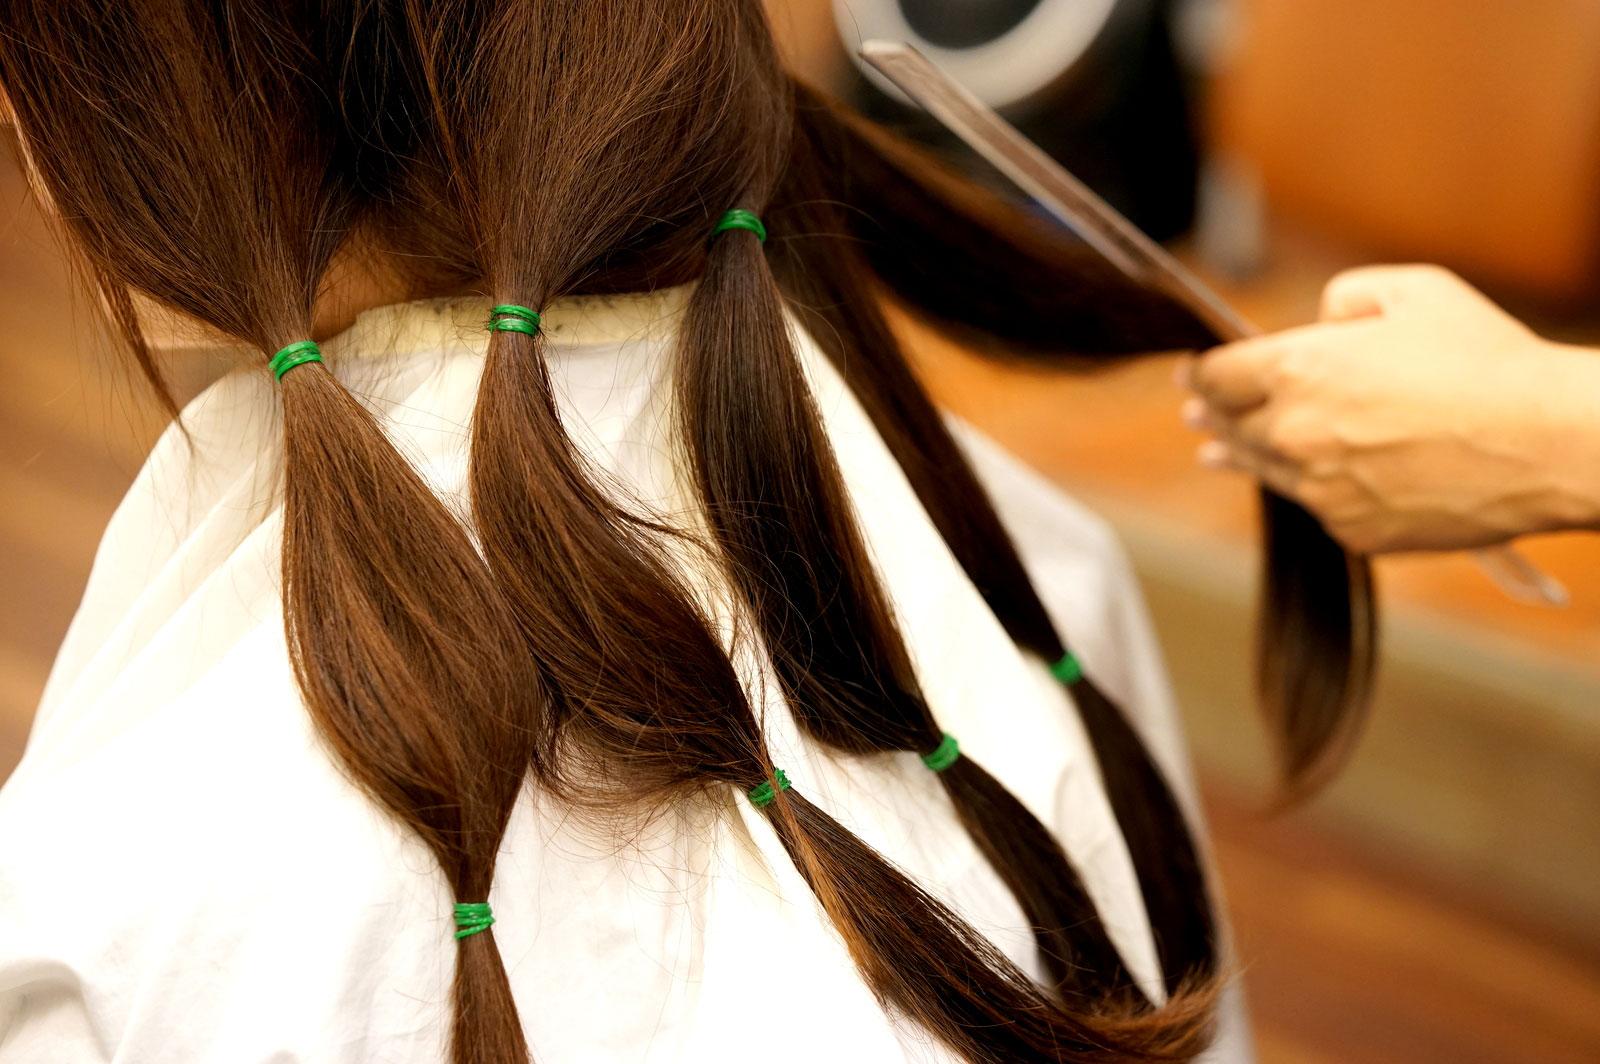 髪の寄付をするため初めてのお手伝い【ヘアドネーション編】